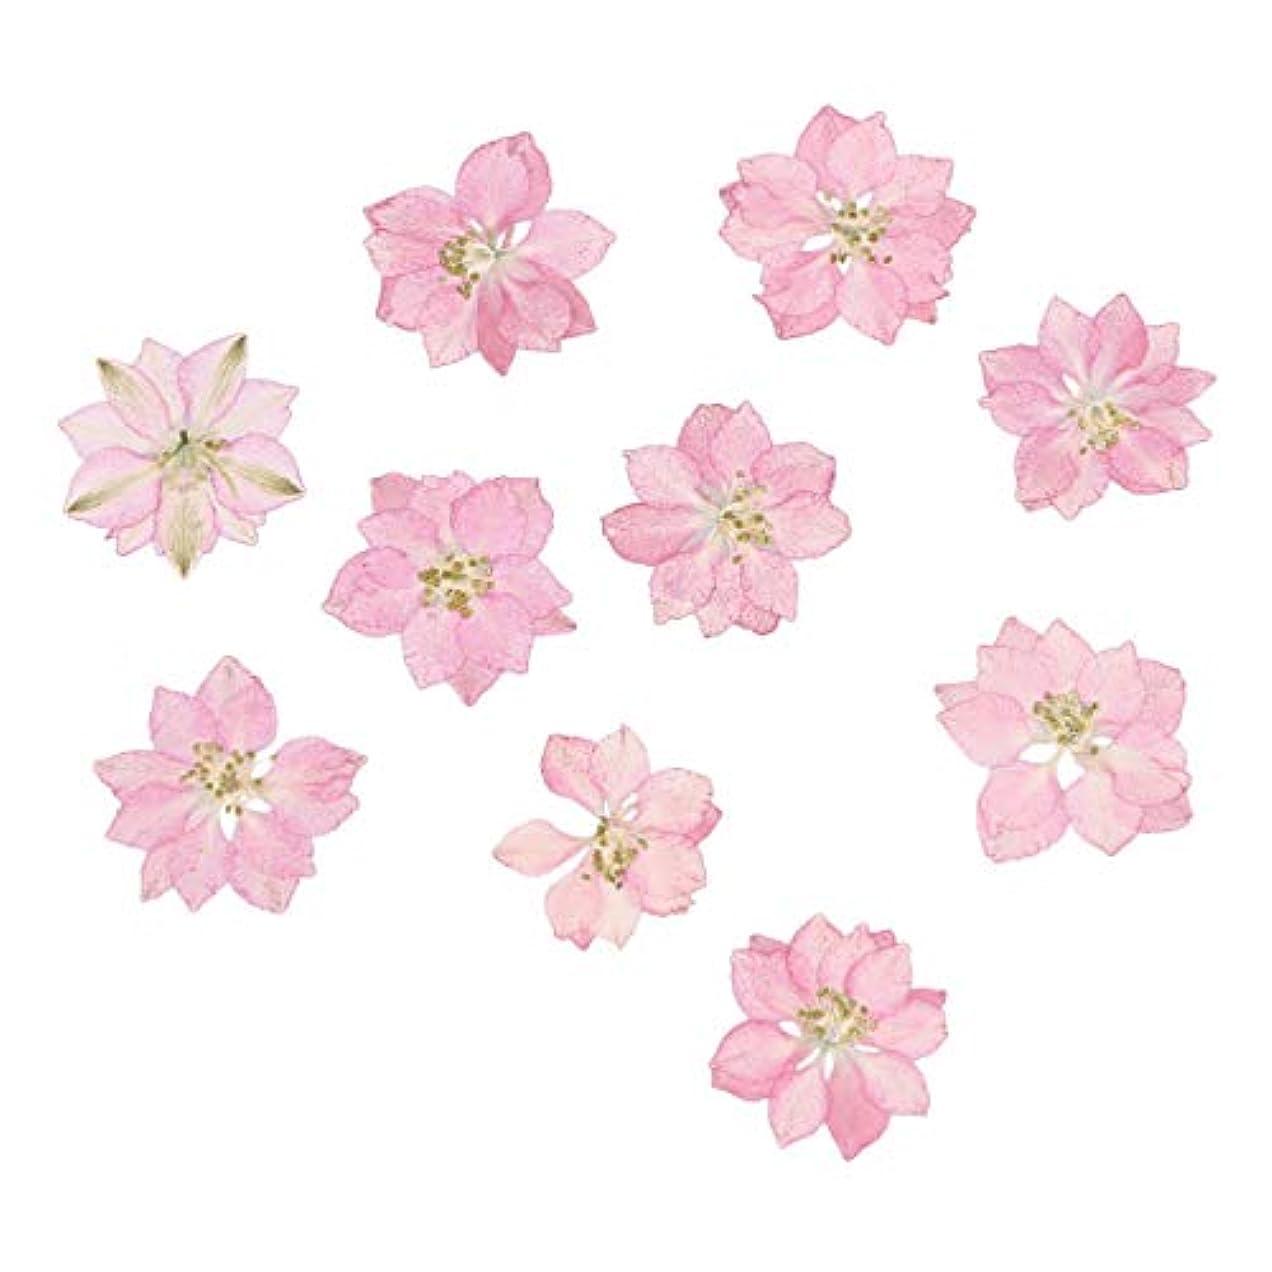 入り口推進彼女HEALLILY リアルドライ押花天然花飾り用diyジュエリーペンダント電話ケースカード20ピース